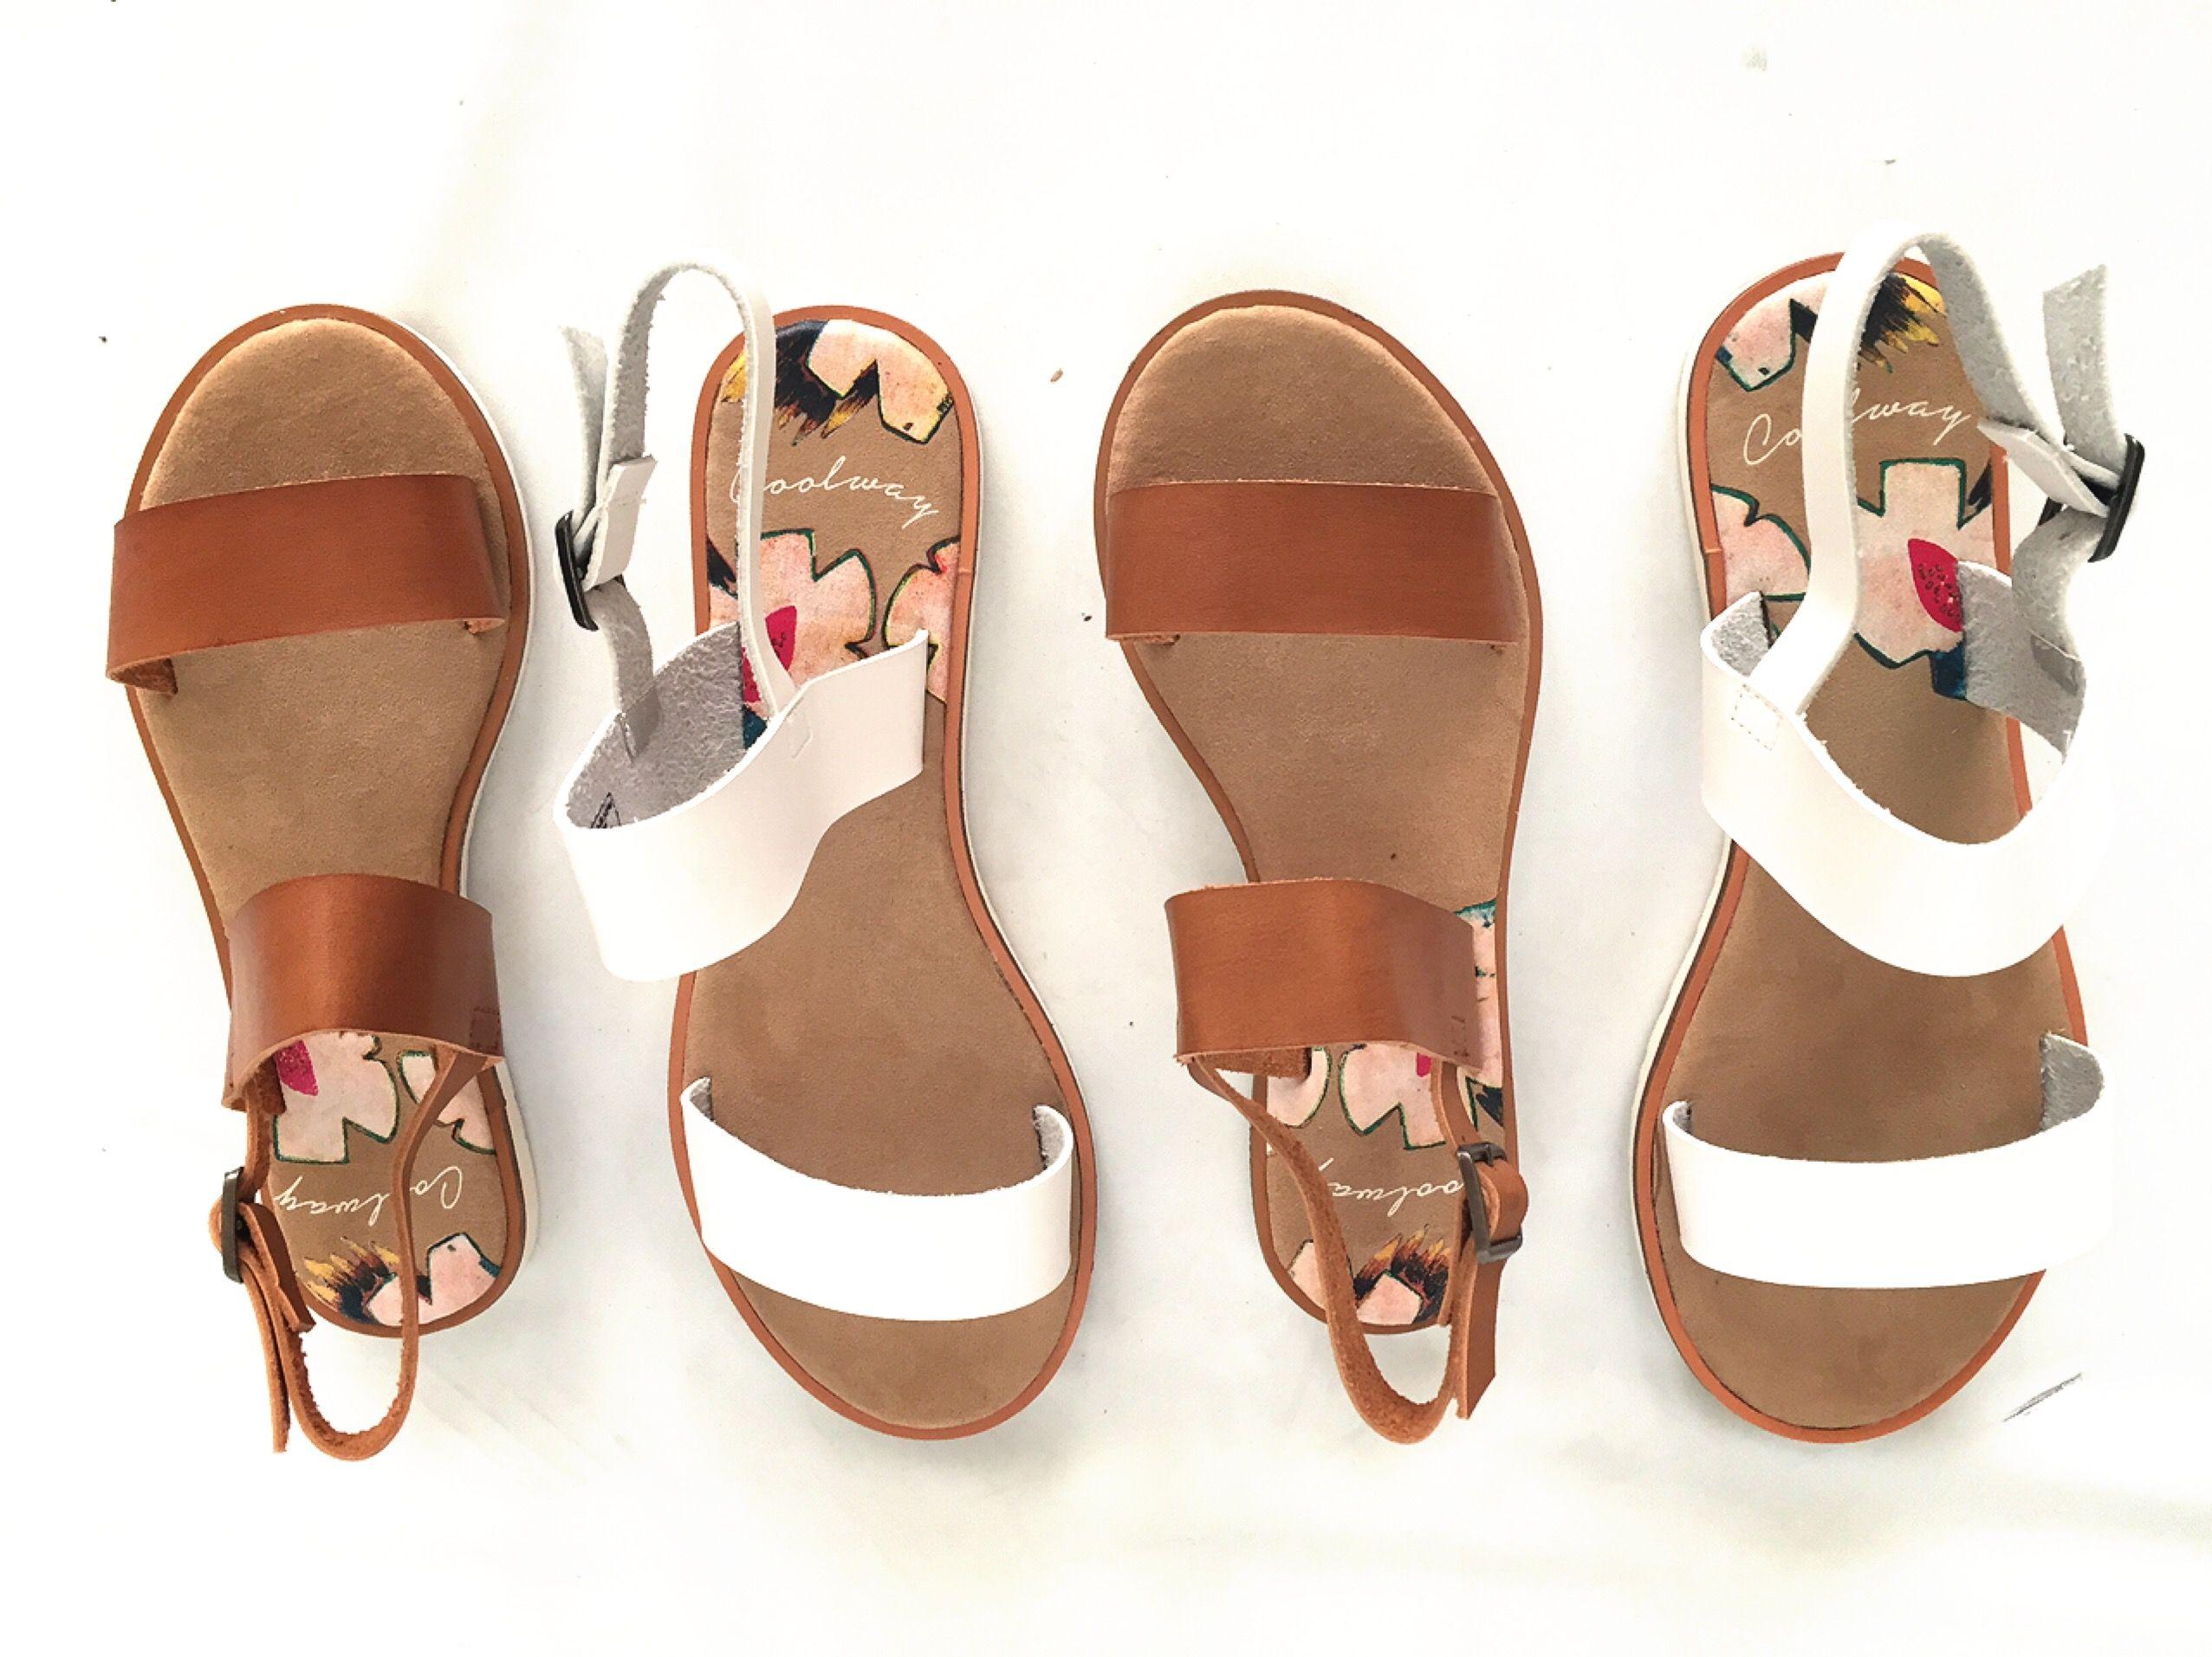 ea330f7af New Collection!   Sandalias planas morel de Coolway Spain. ¡Tus ...